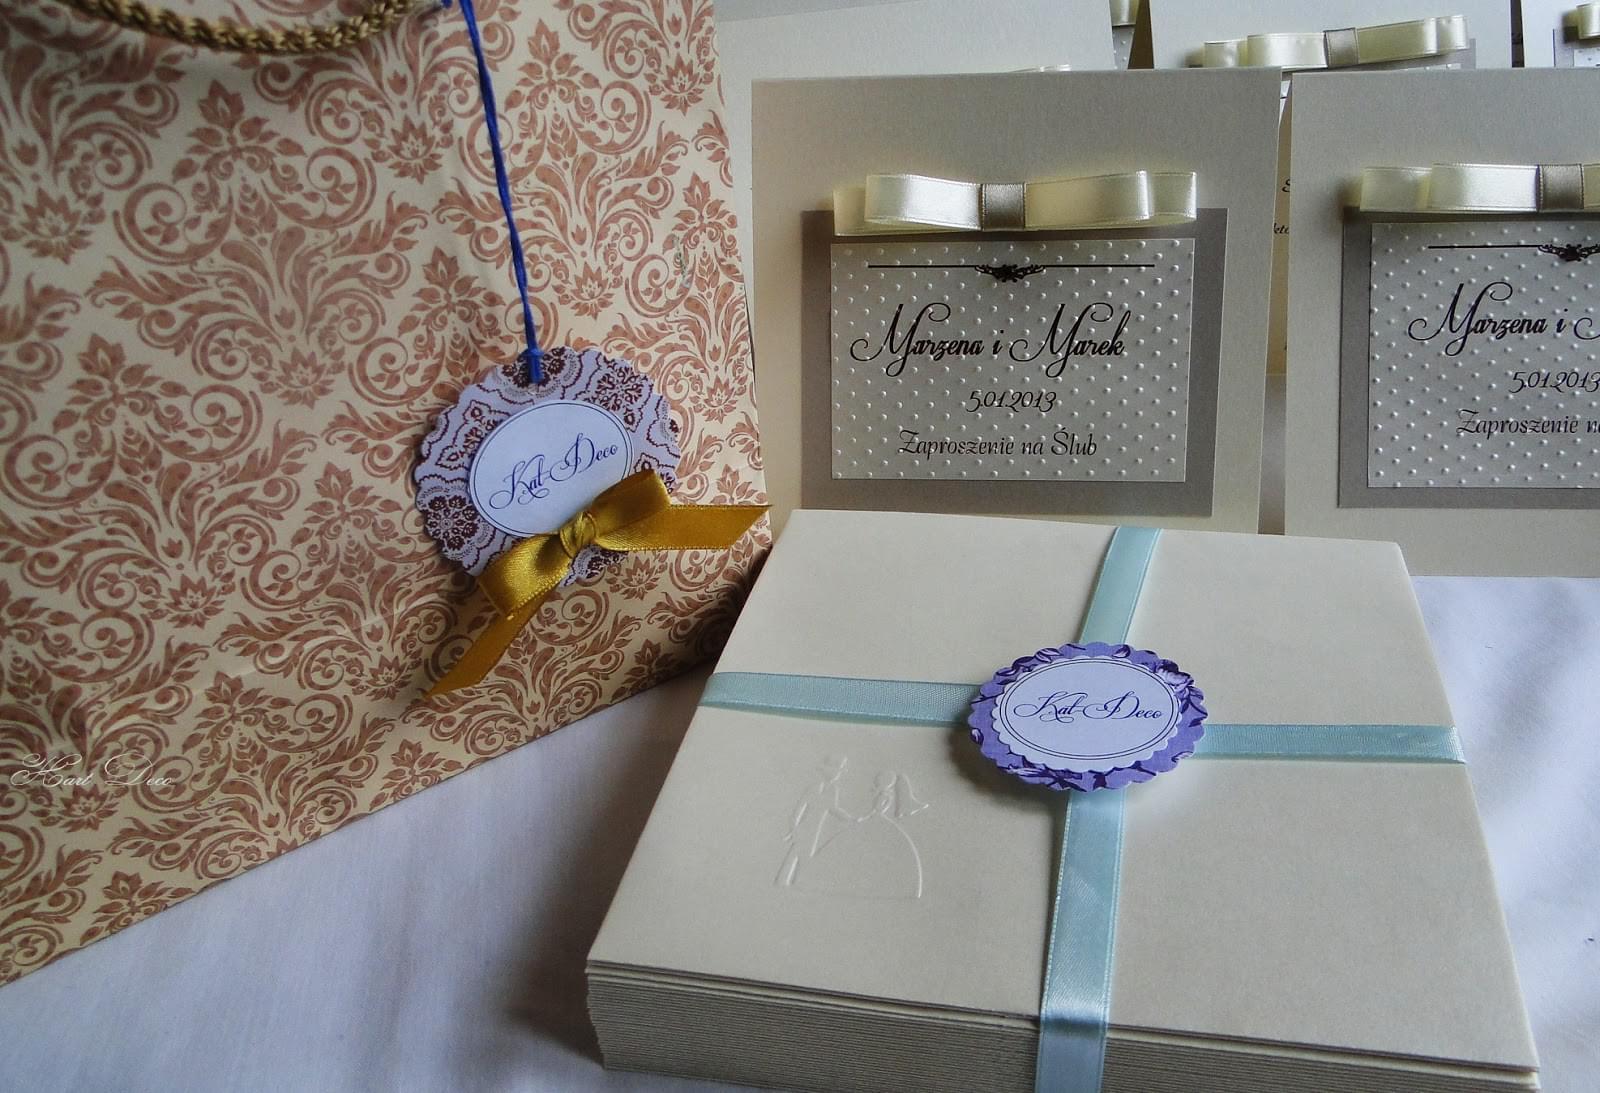 Kart-Deco zaproszenia ślubne, komunijne, na chrzest, ręcznie robione, papeteria slubna, z papieru, hand made scrapbooking